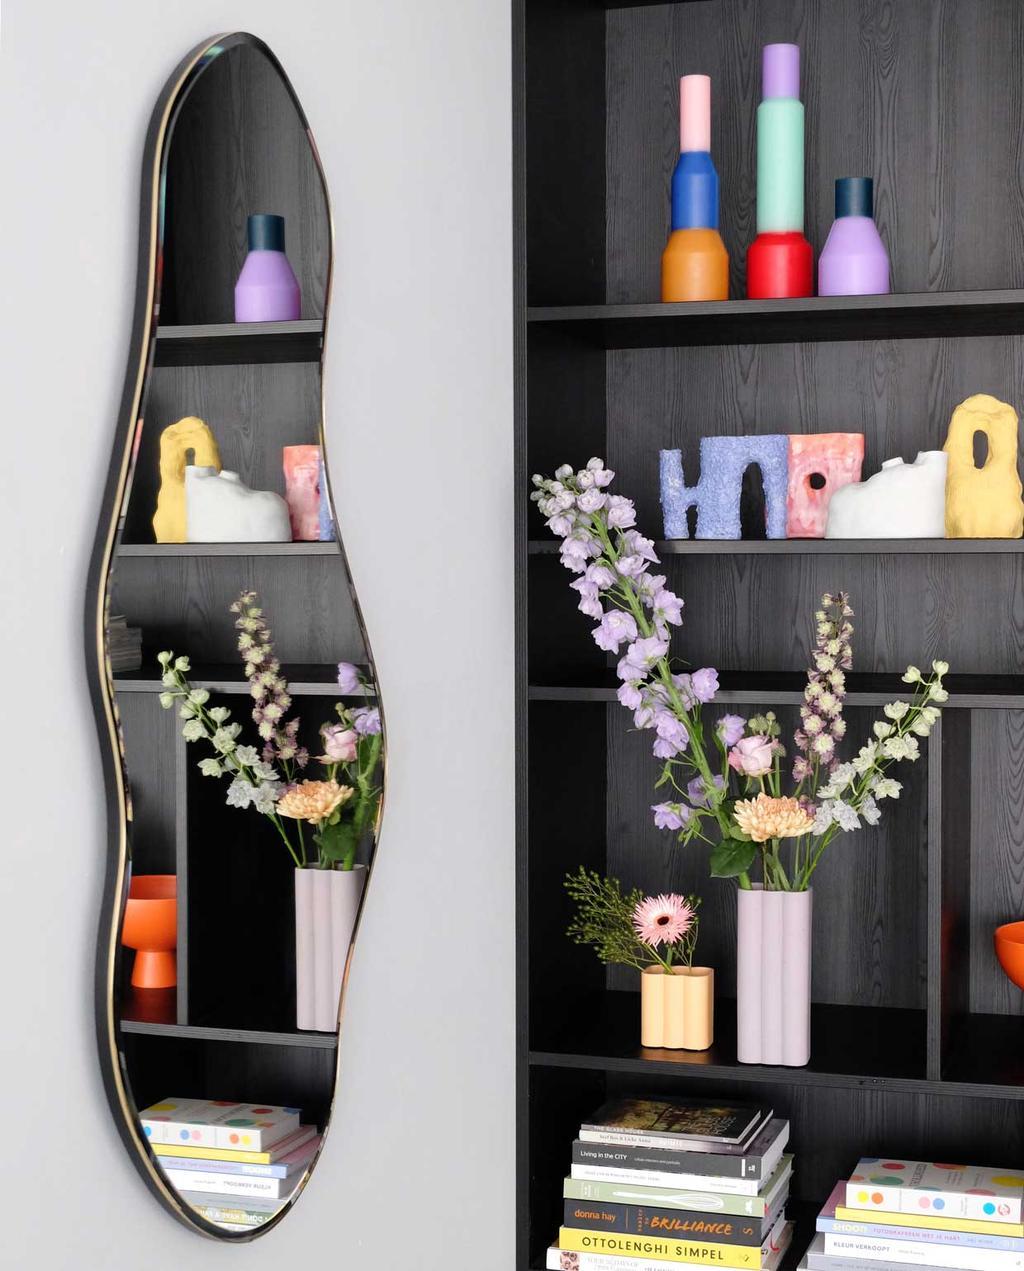 vtwonen blog prchtg | keramieke vaasjes met gekleurde bloemen en een spiegel